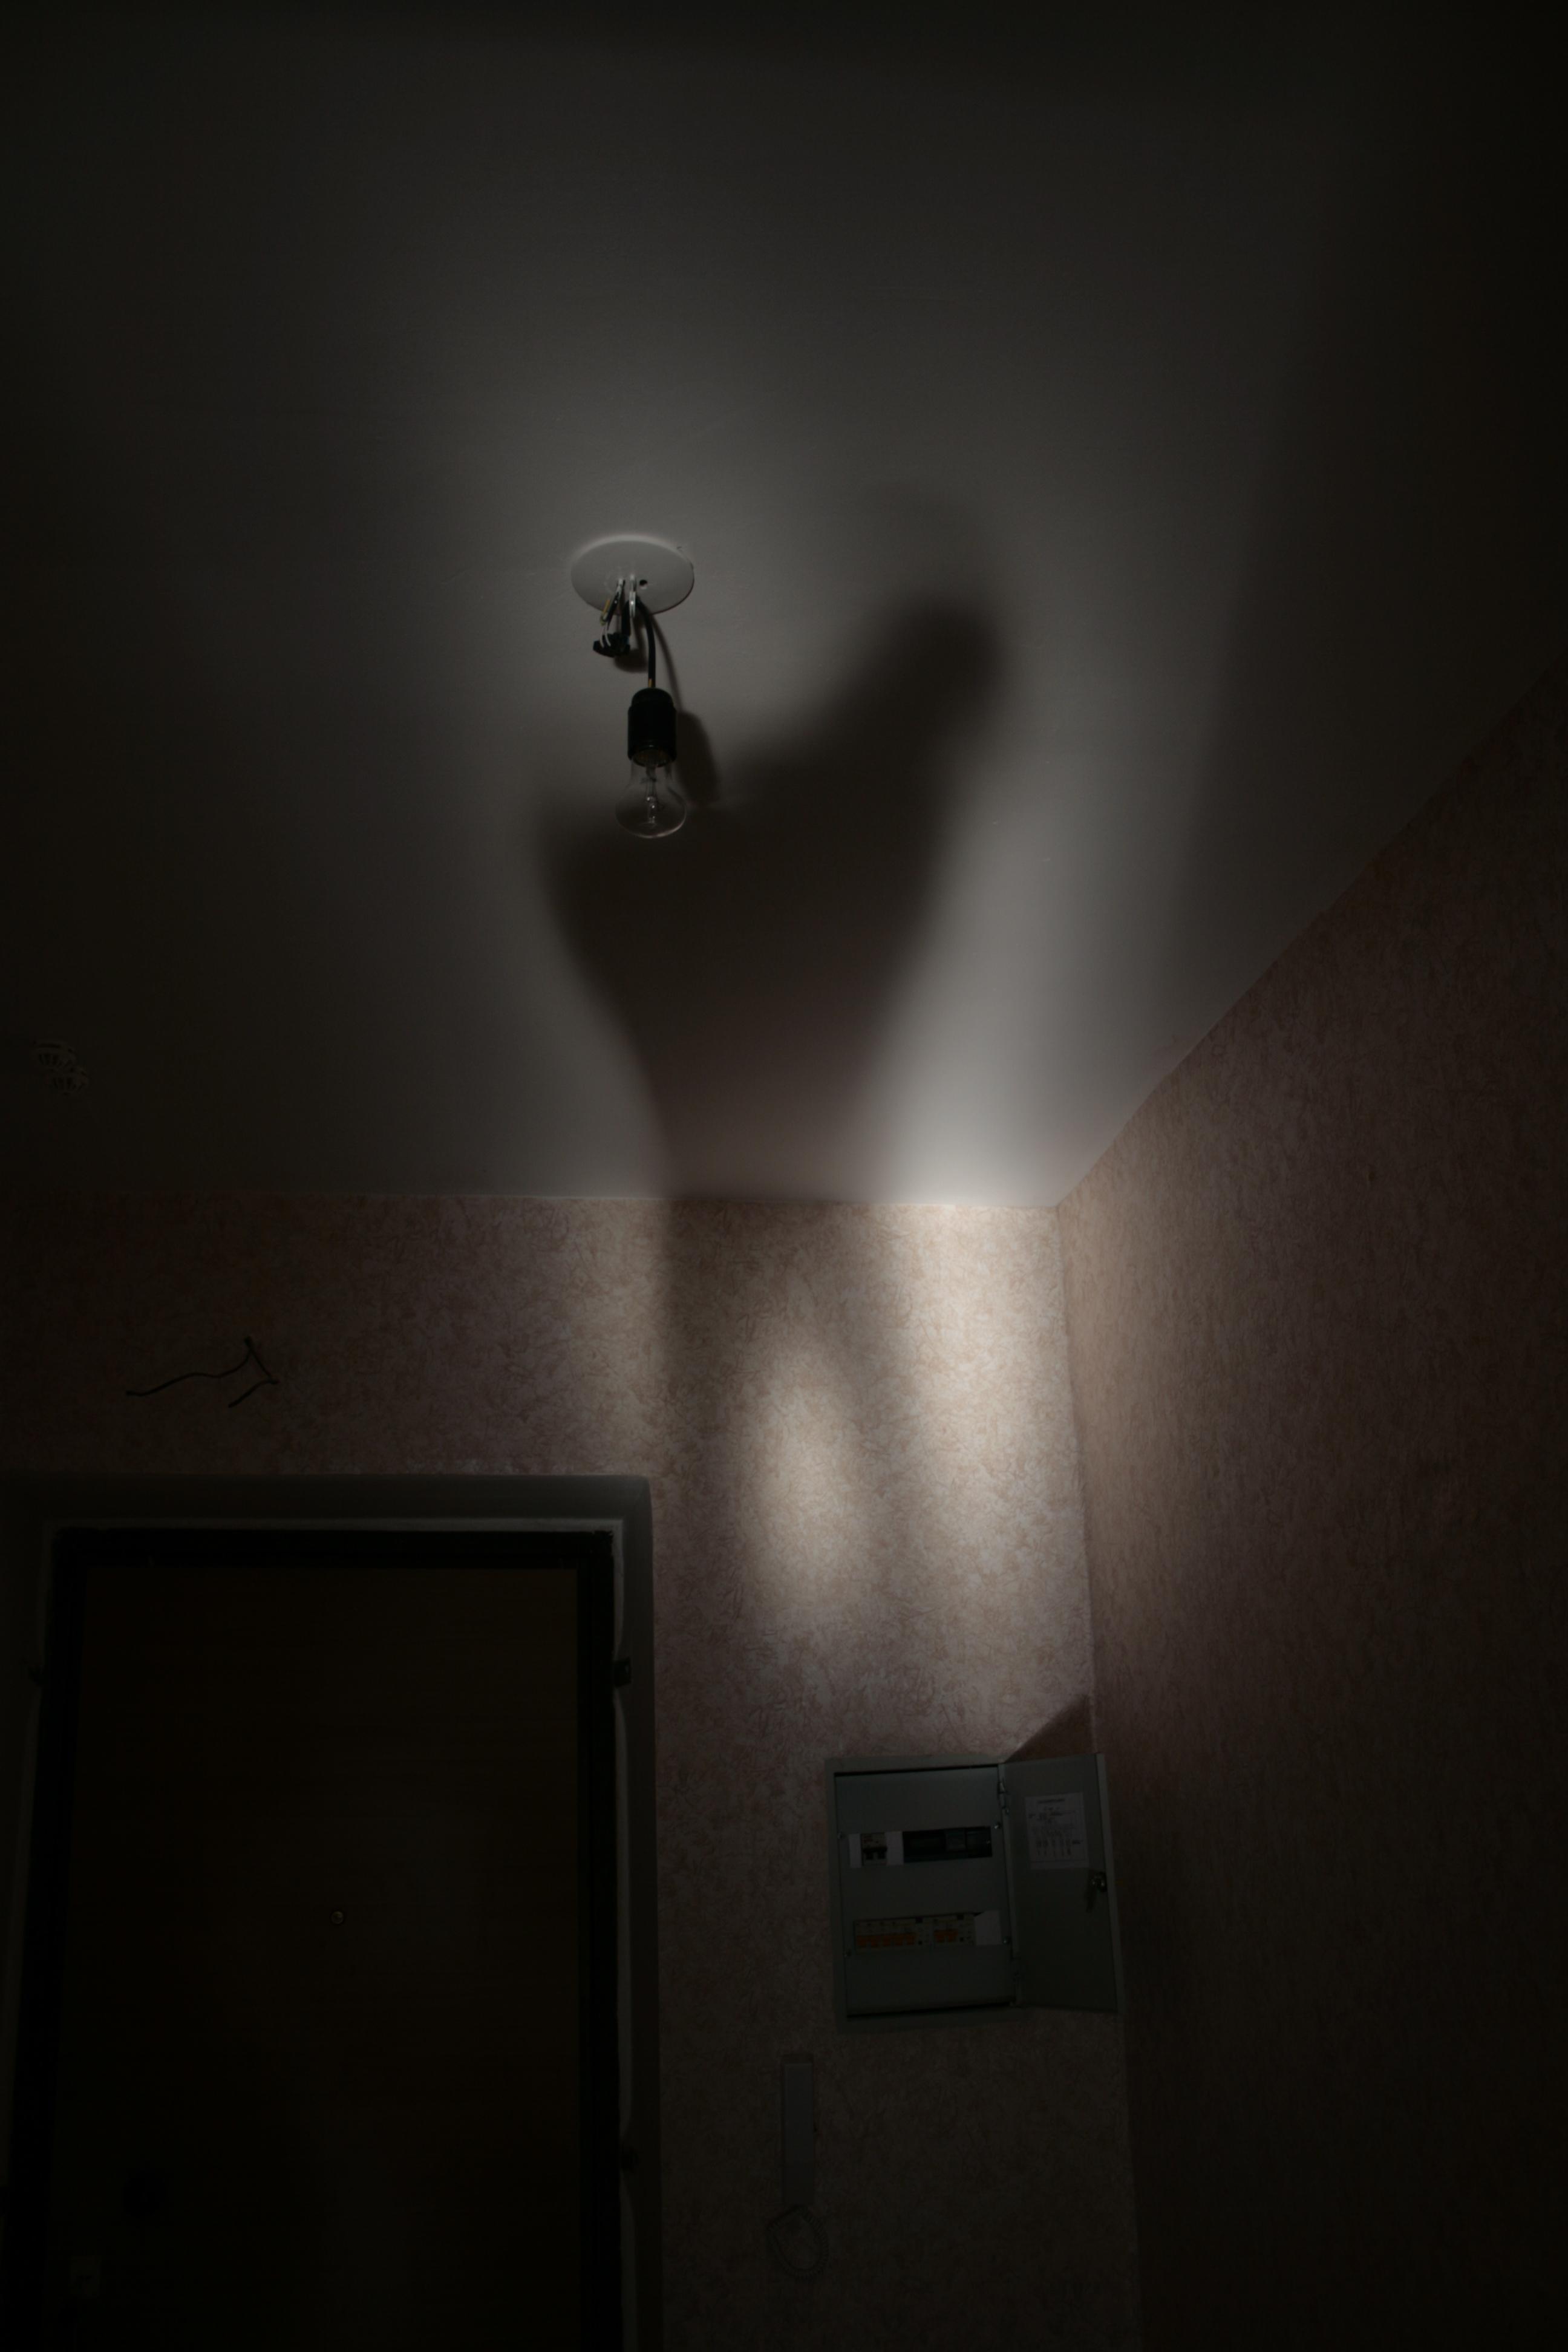 Shadow, Concept, Dark, Figure, Indoor, HQ Photo